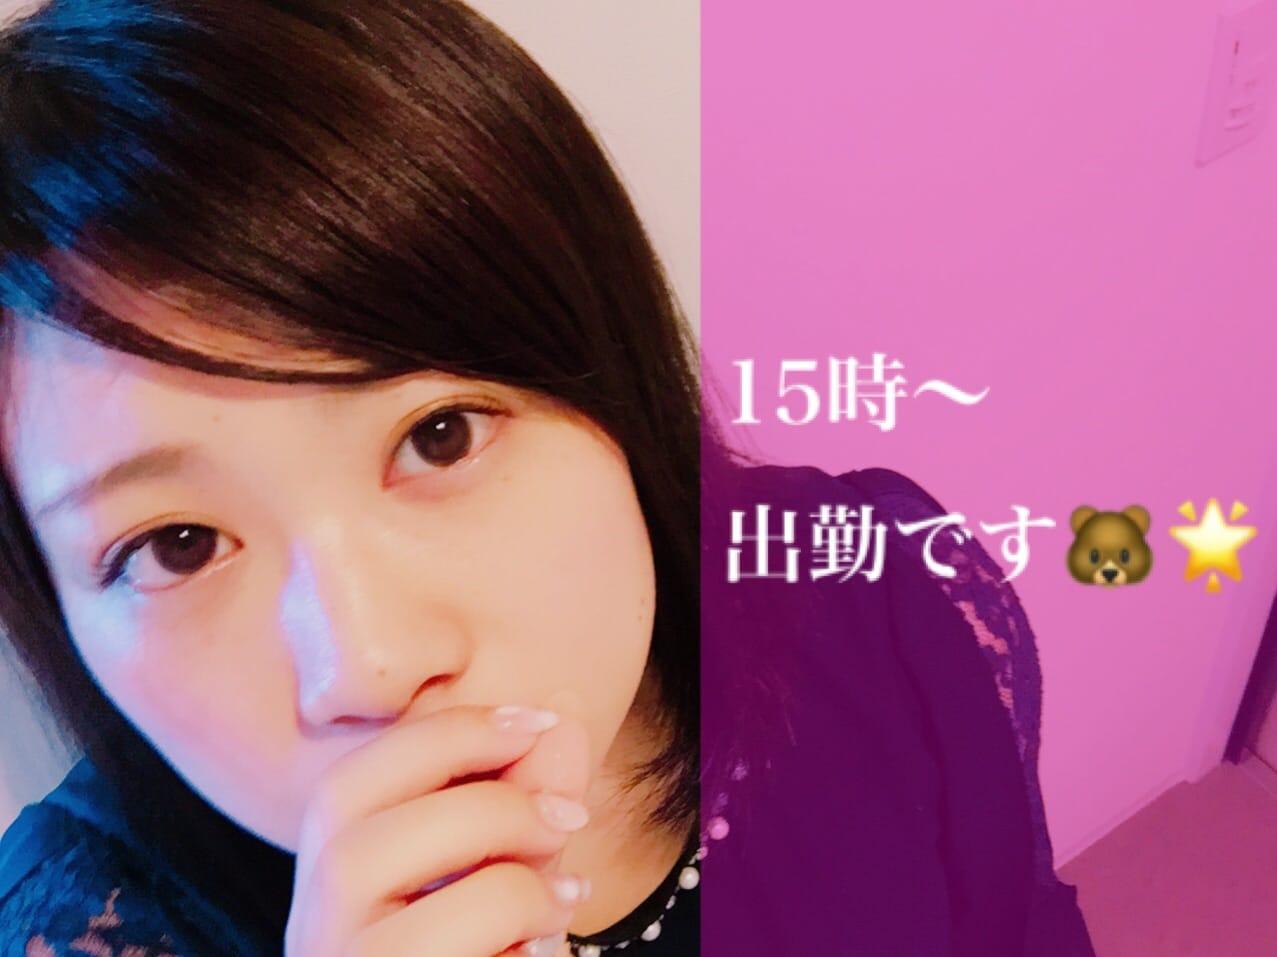 ラン「15時〜」08/22(火) 13:44   ランの写メ・風俗動画